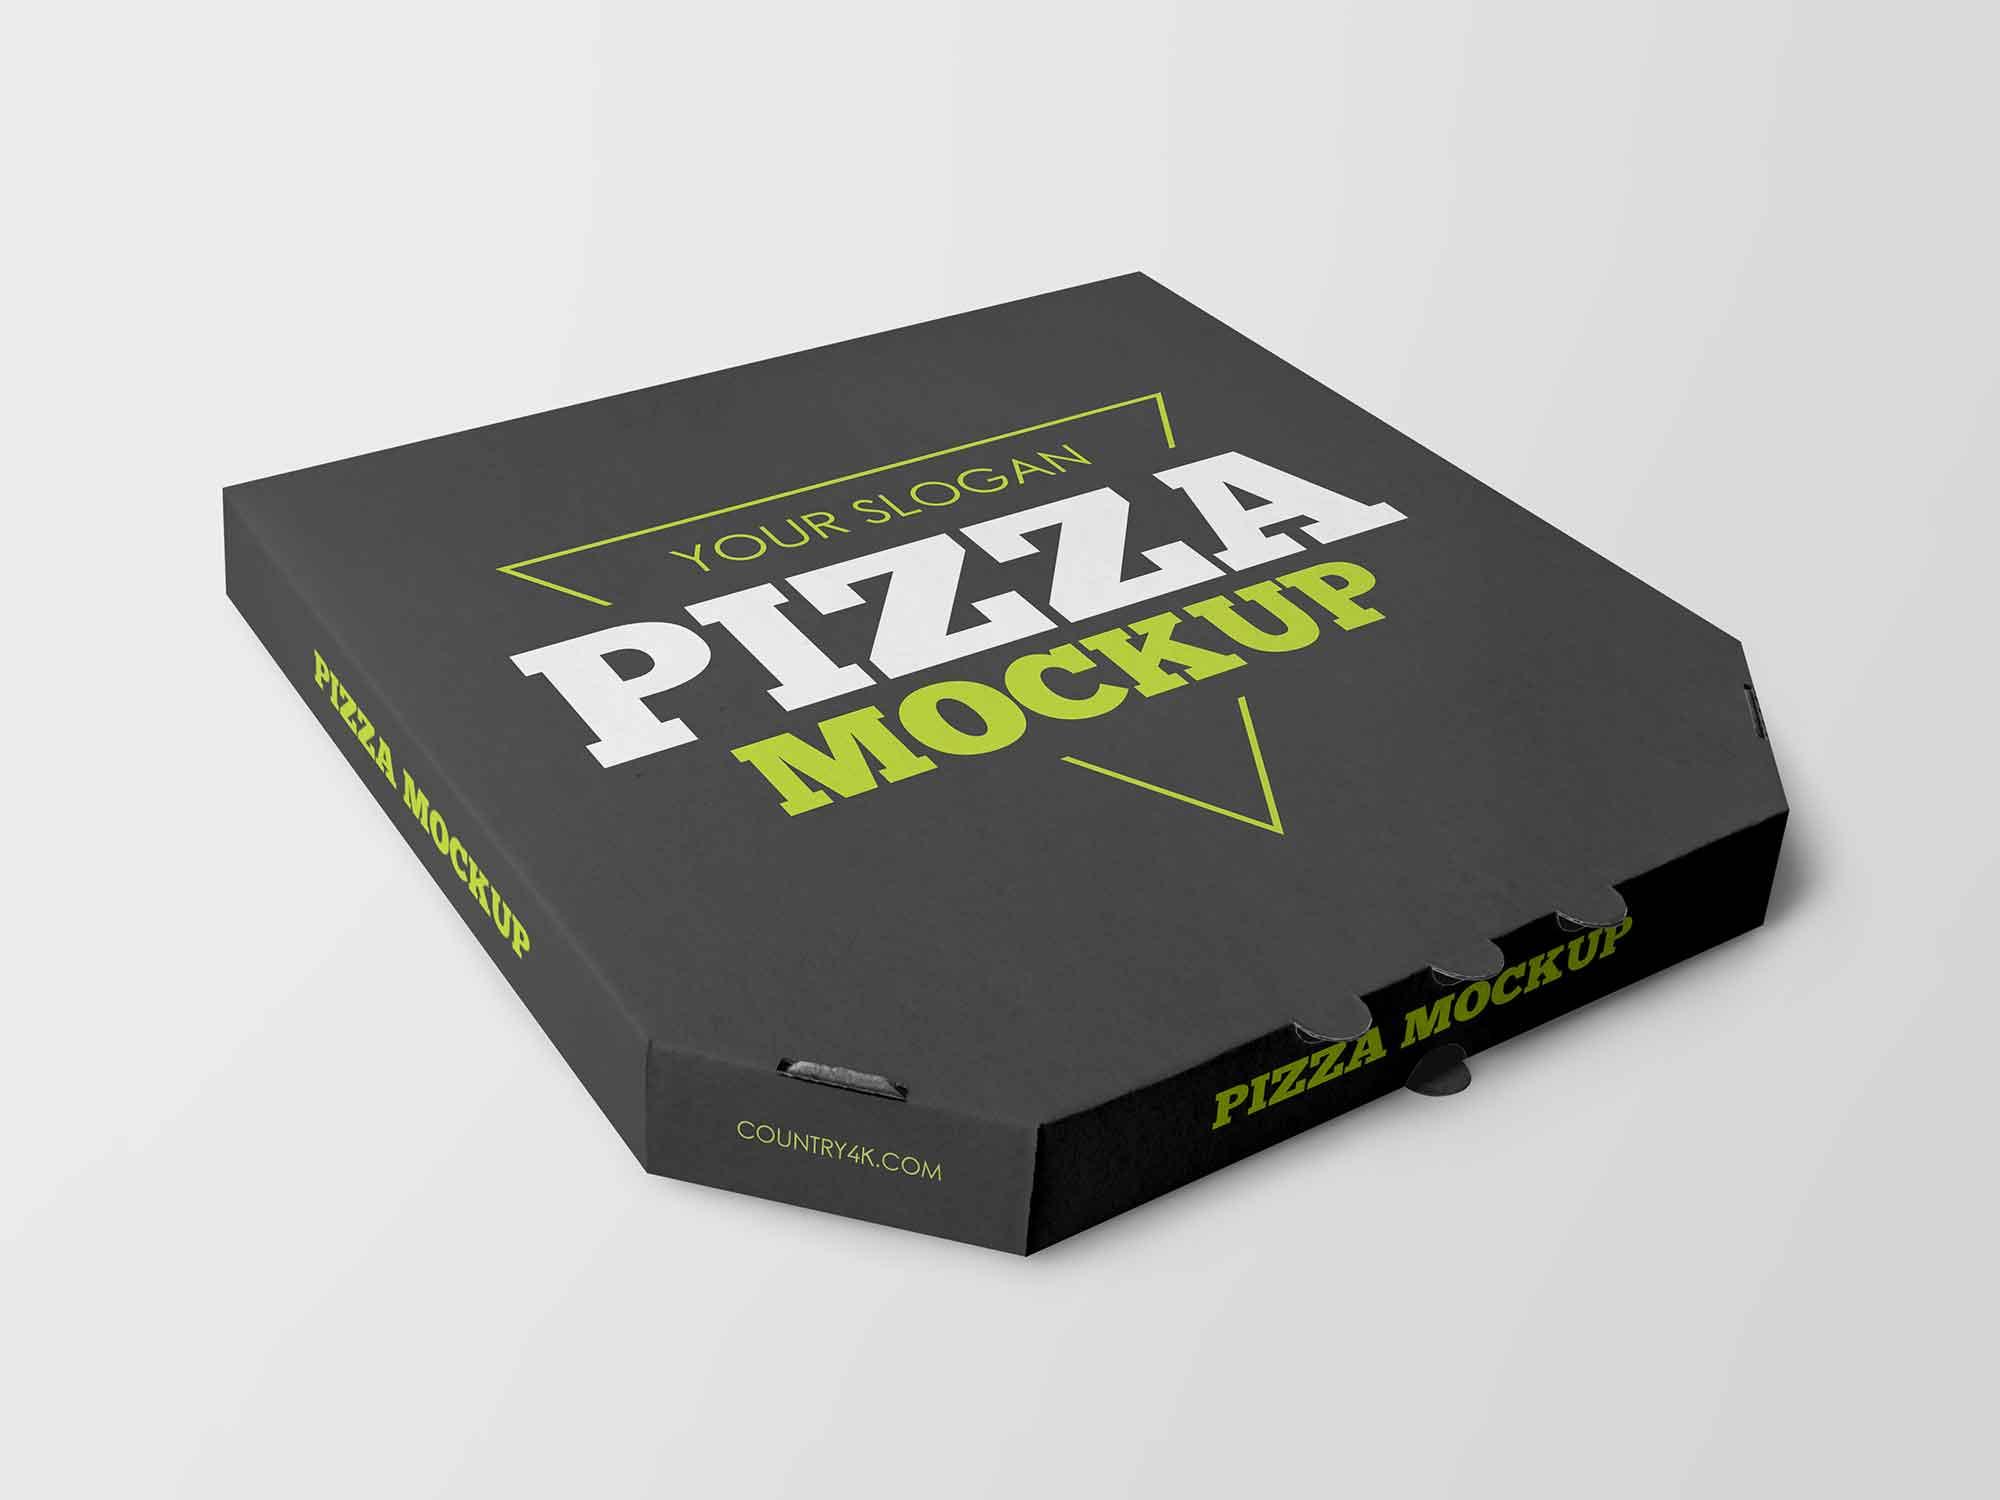 Pizza Delivery Box Mockup 2